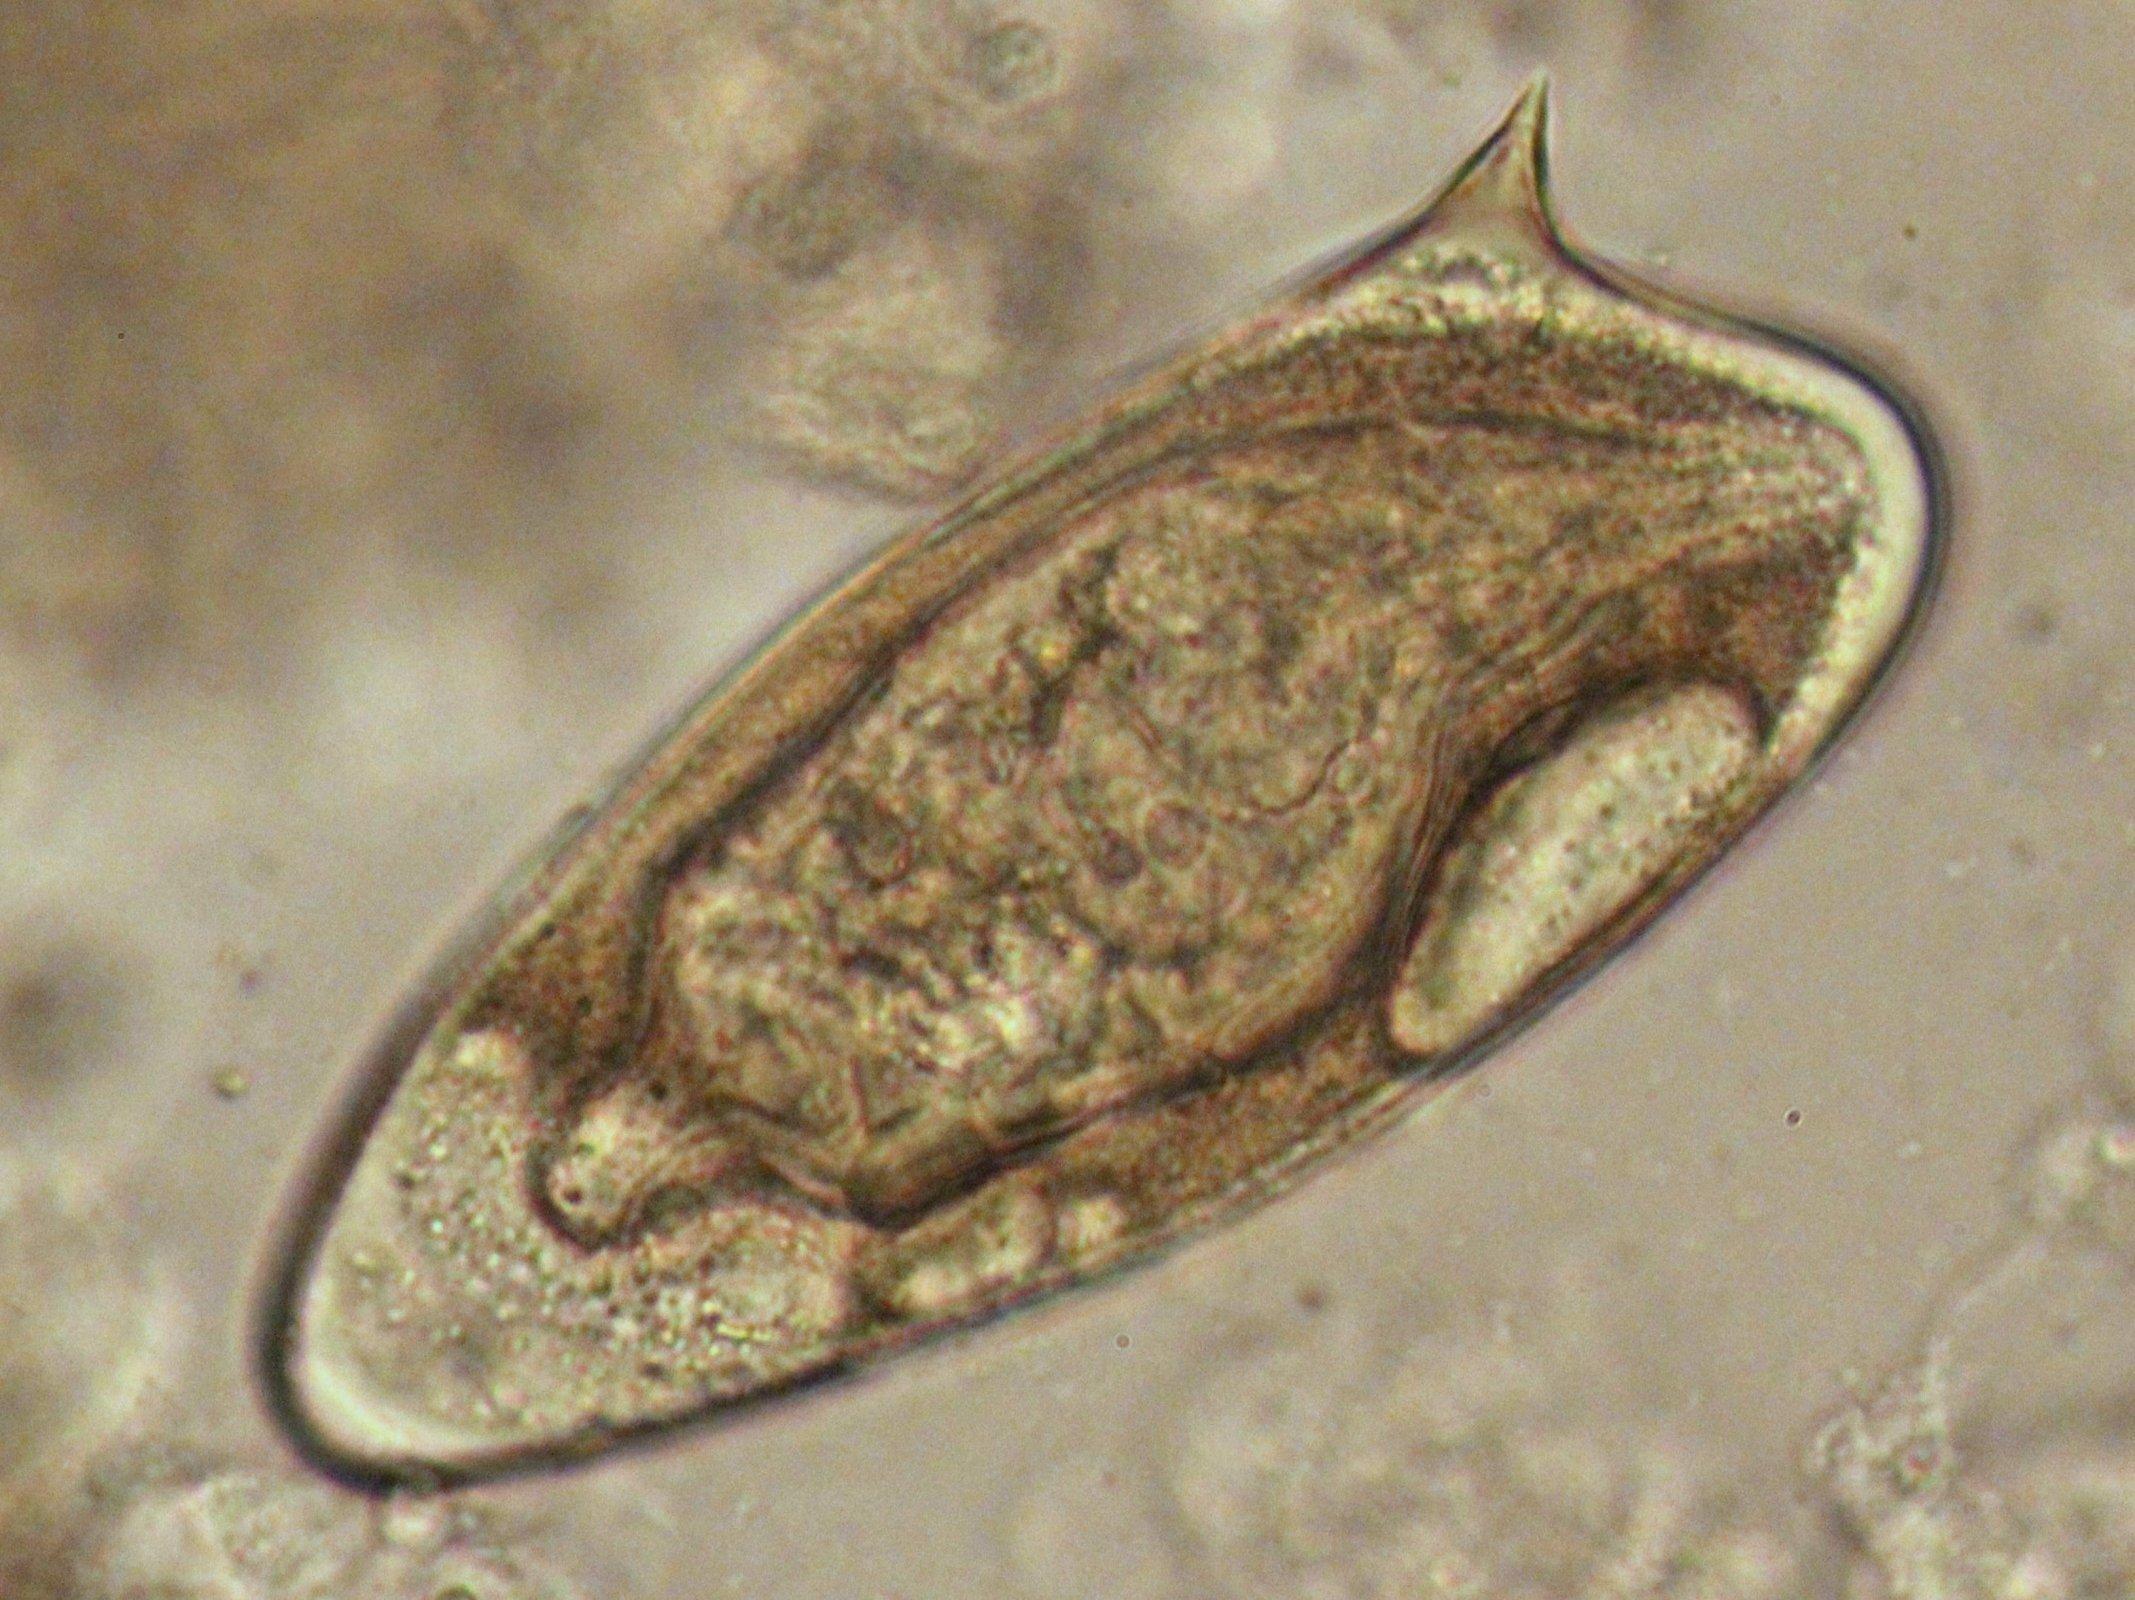 mansoni schistosomiasis enterobius-tojás